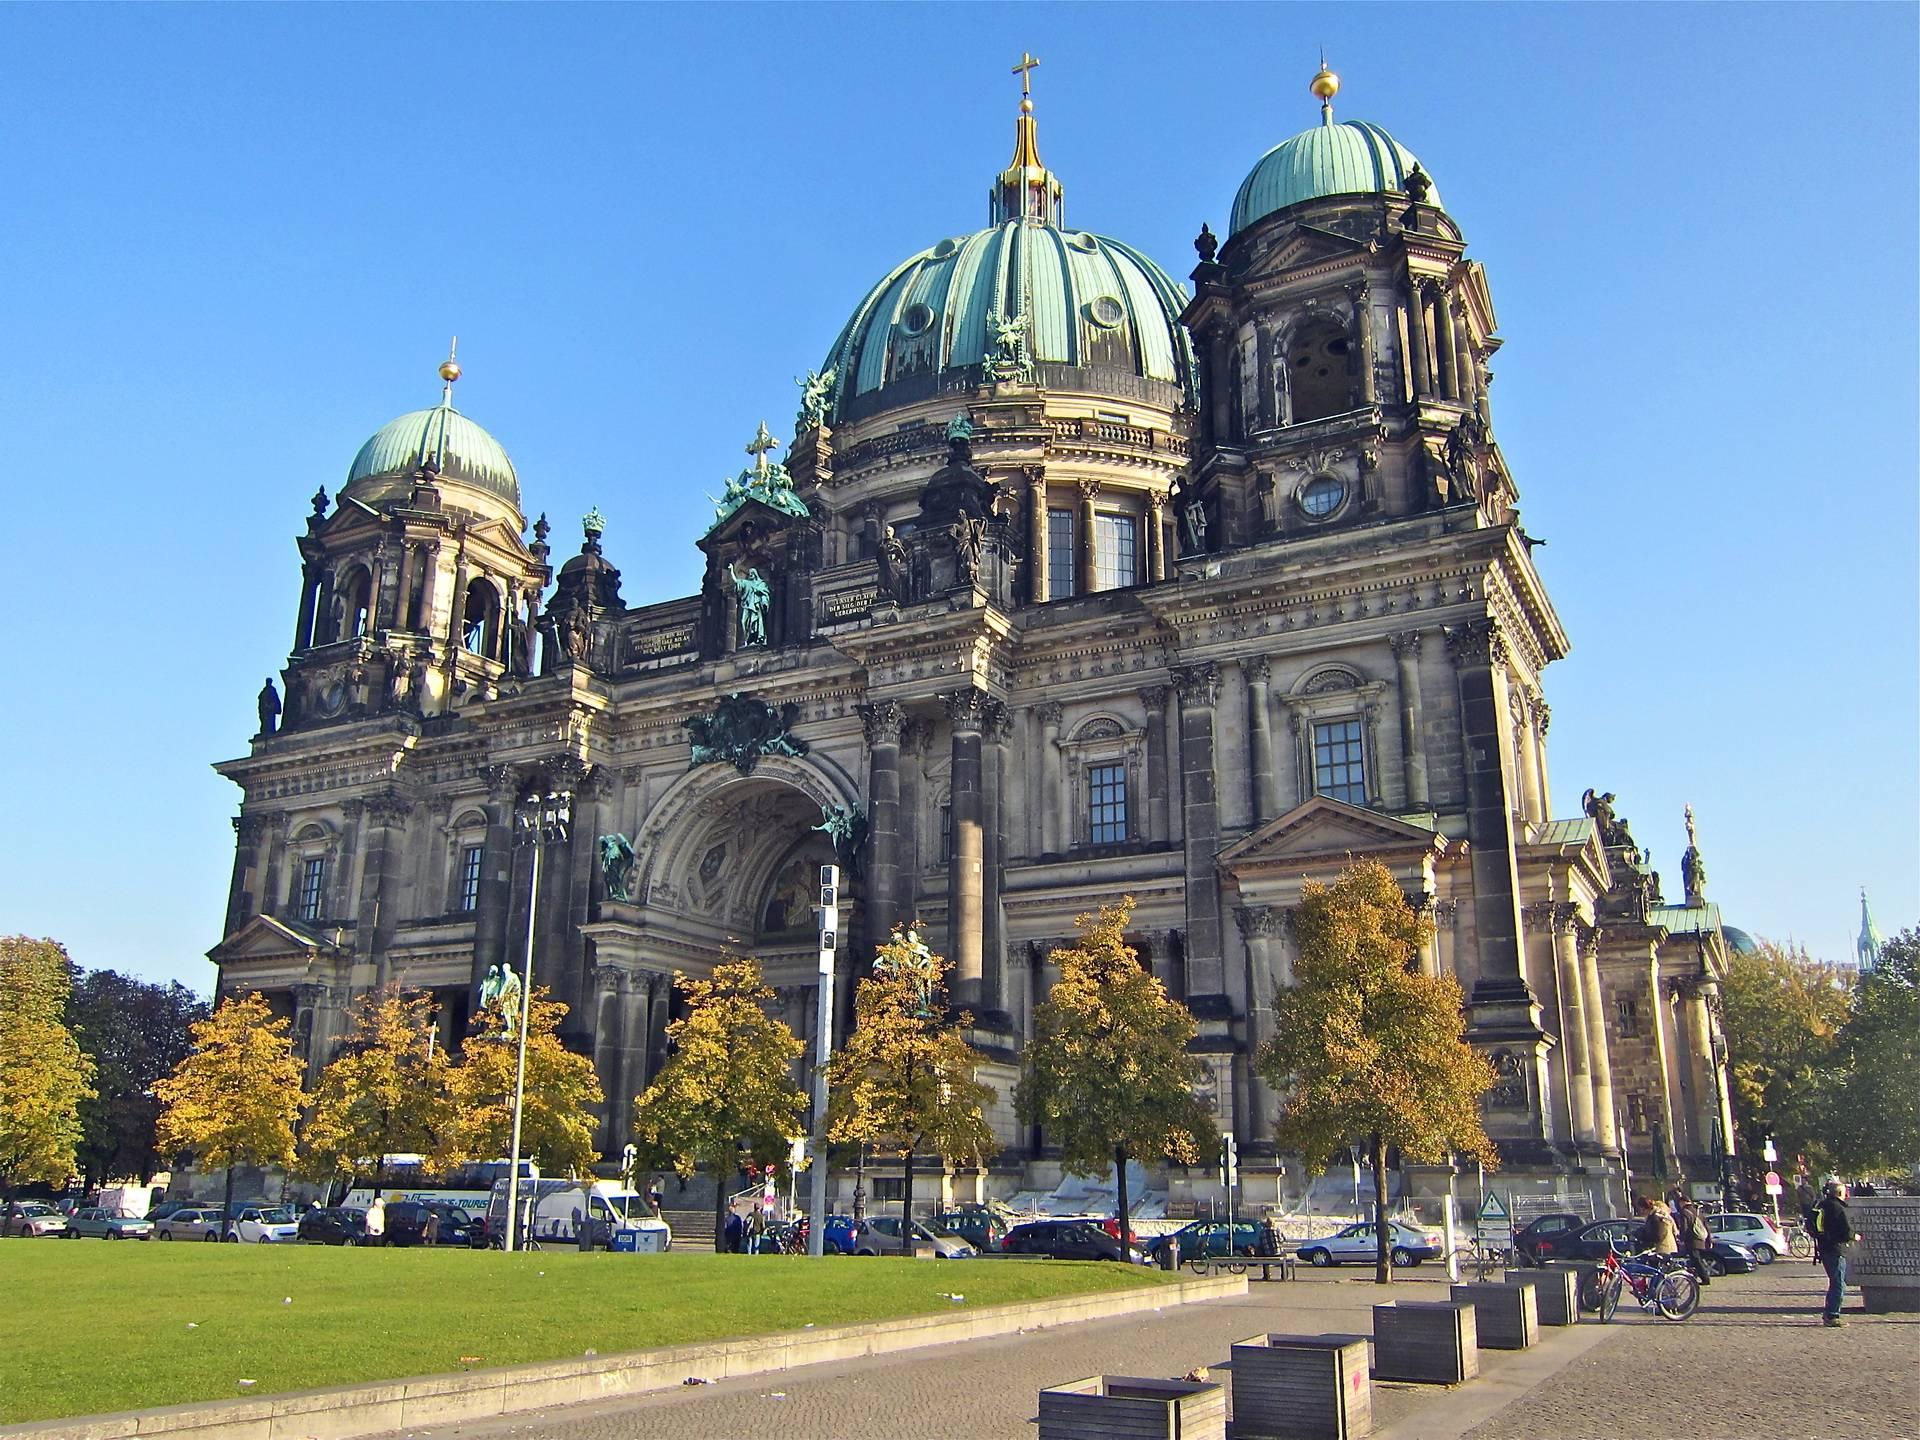 Кафедральный собор фрауэнкирхе в дрездене— символ протеста и возрождения